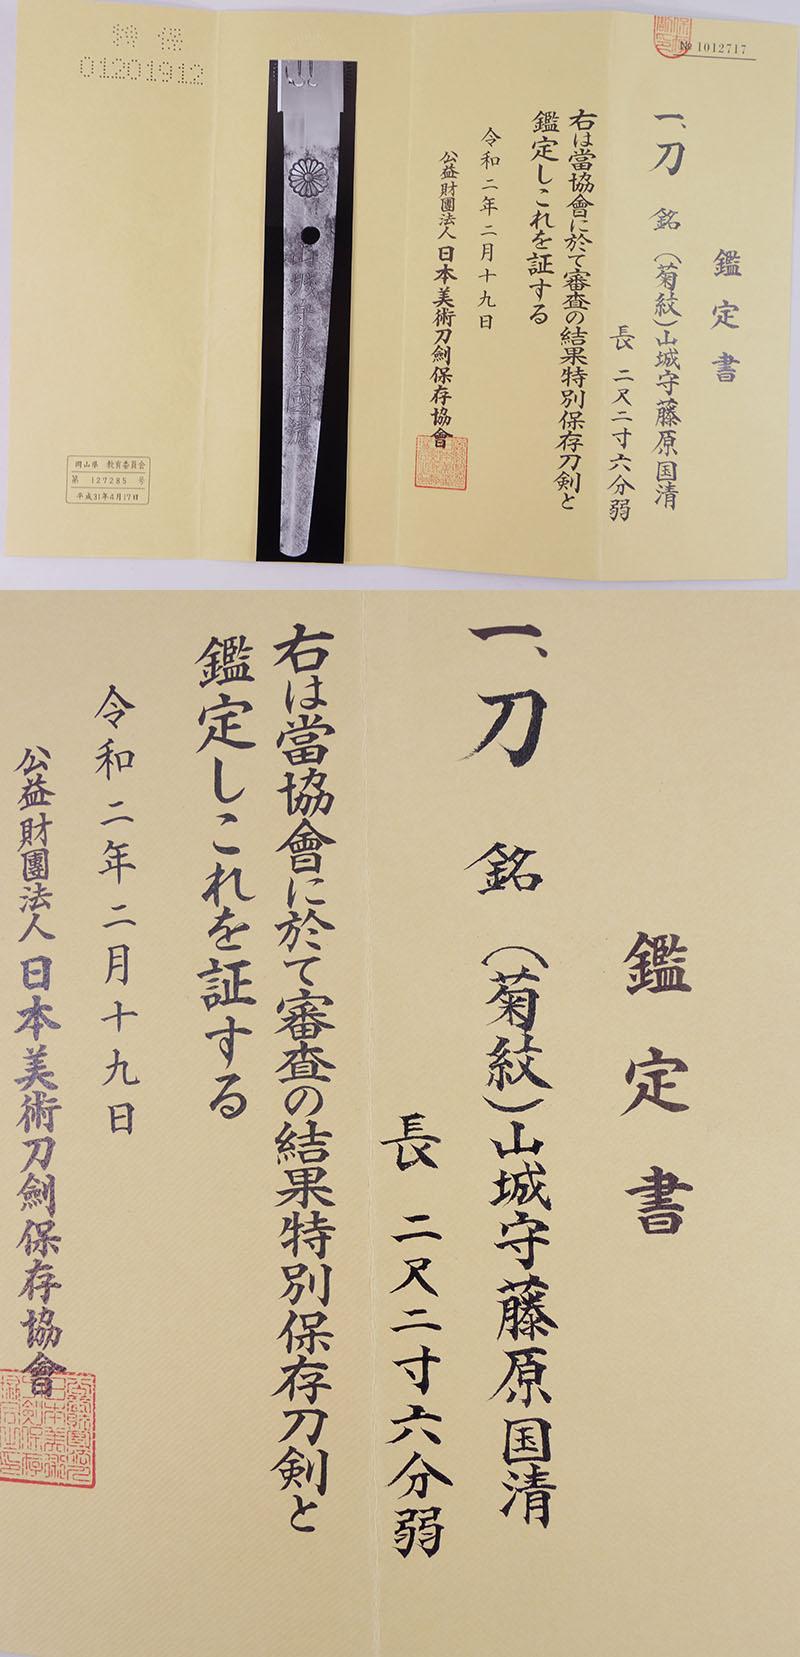 刀 (菊紋)山城守藤原国清 (新刀上々作)(業物)(堀川国広の門人) Picture of Certificate